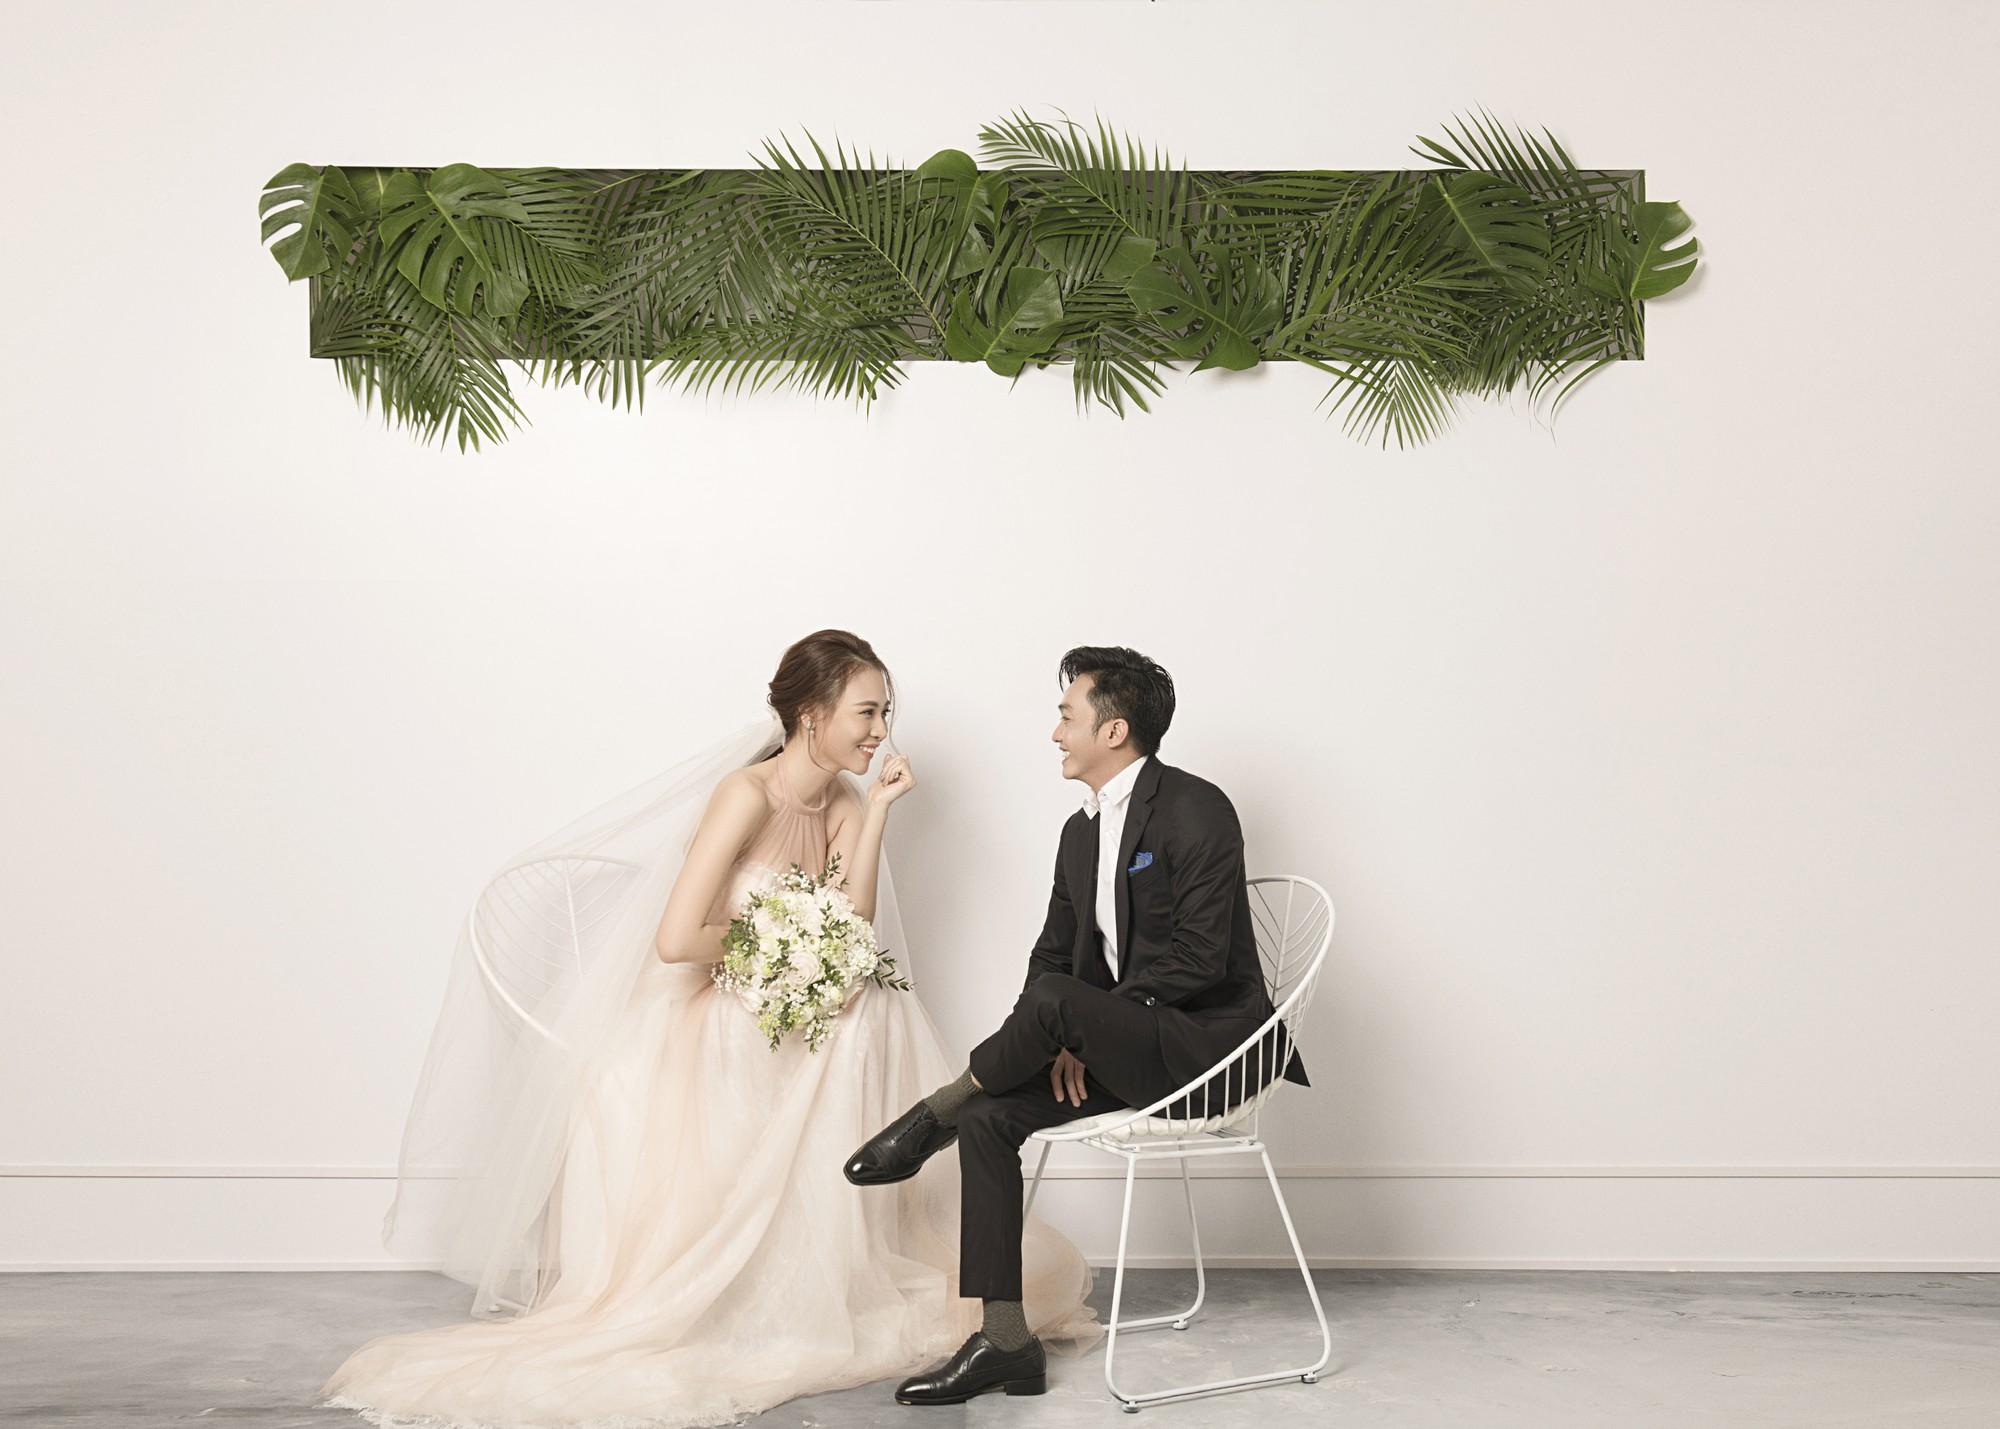 Hé lộ thêm ảnh cưới của Đàm Thu Trang và Cường Đô La trước ngày trọng đại: Quá ngọt, cô dâu thay tới 8 trang phục khác nhau - Ảnh 2.